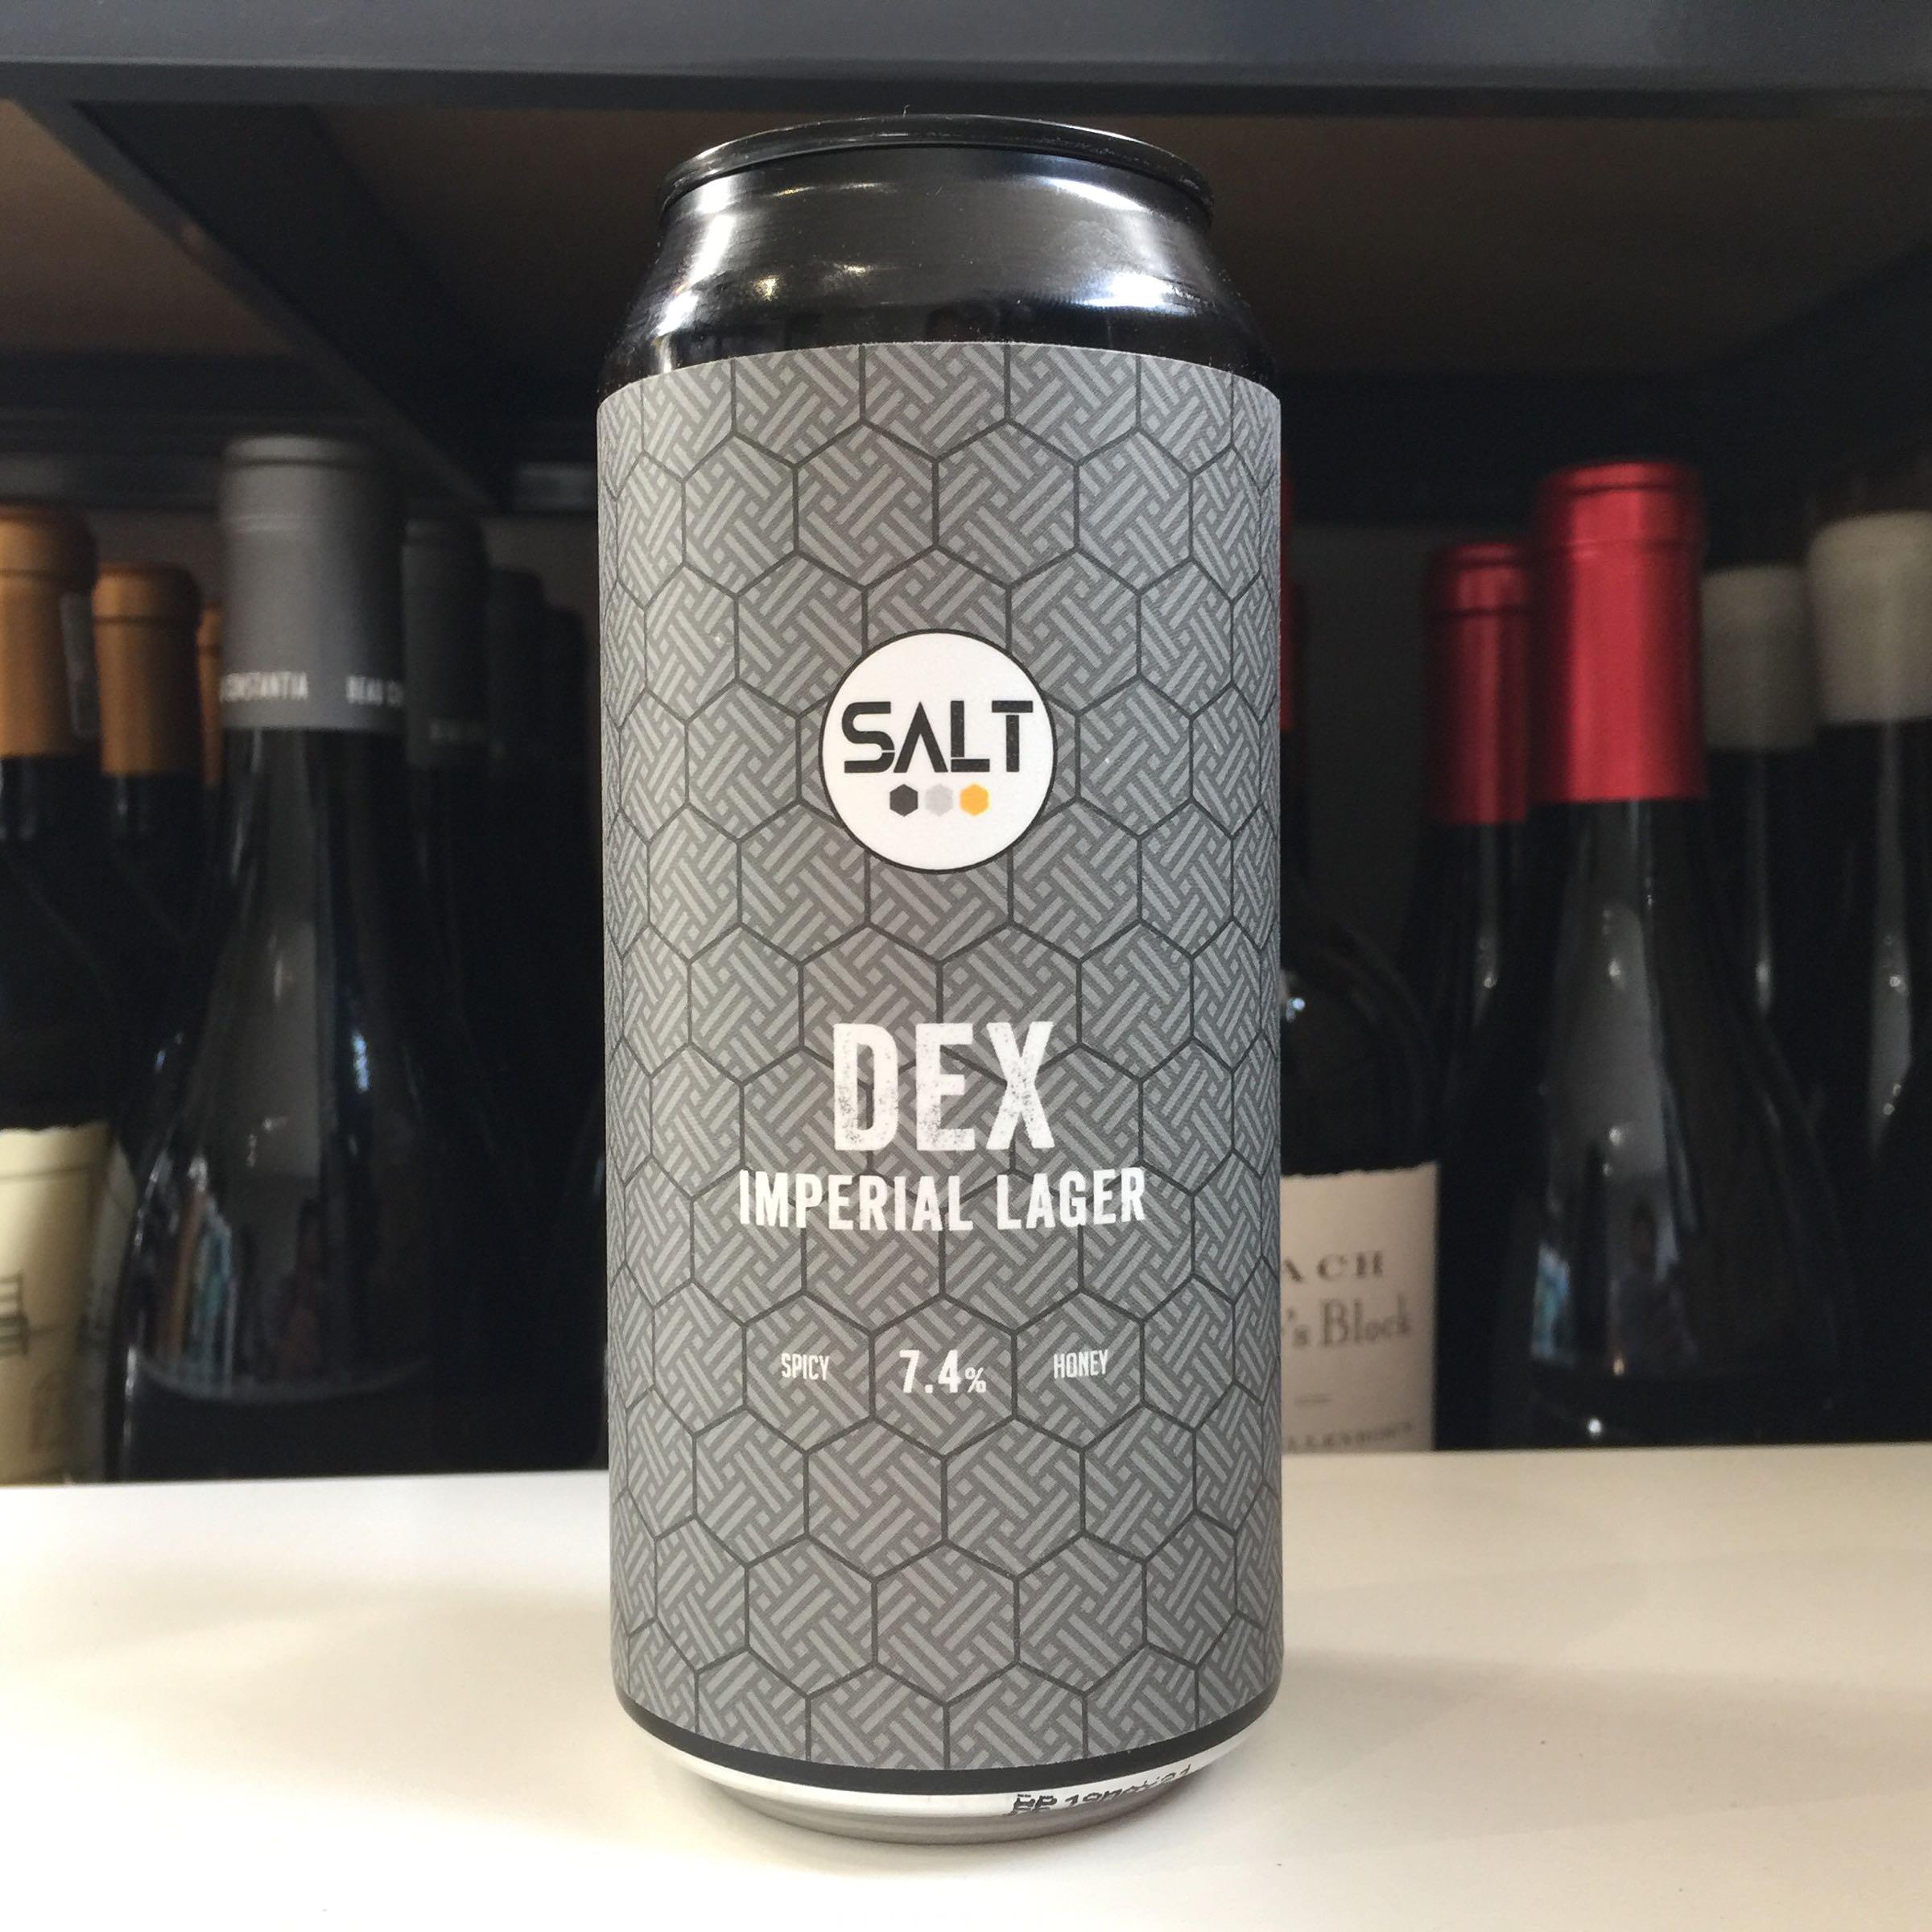 Salt Beer Factory 'Dex' Imperial Lager 440ml 7.4% ABV